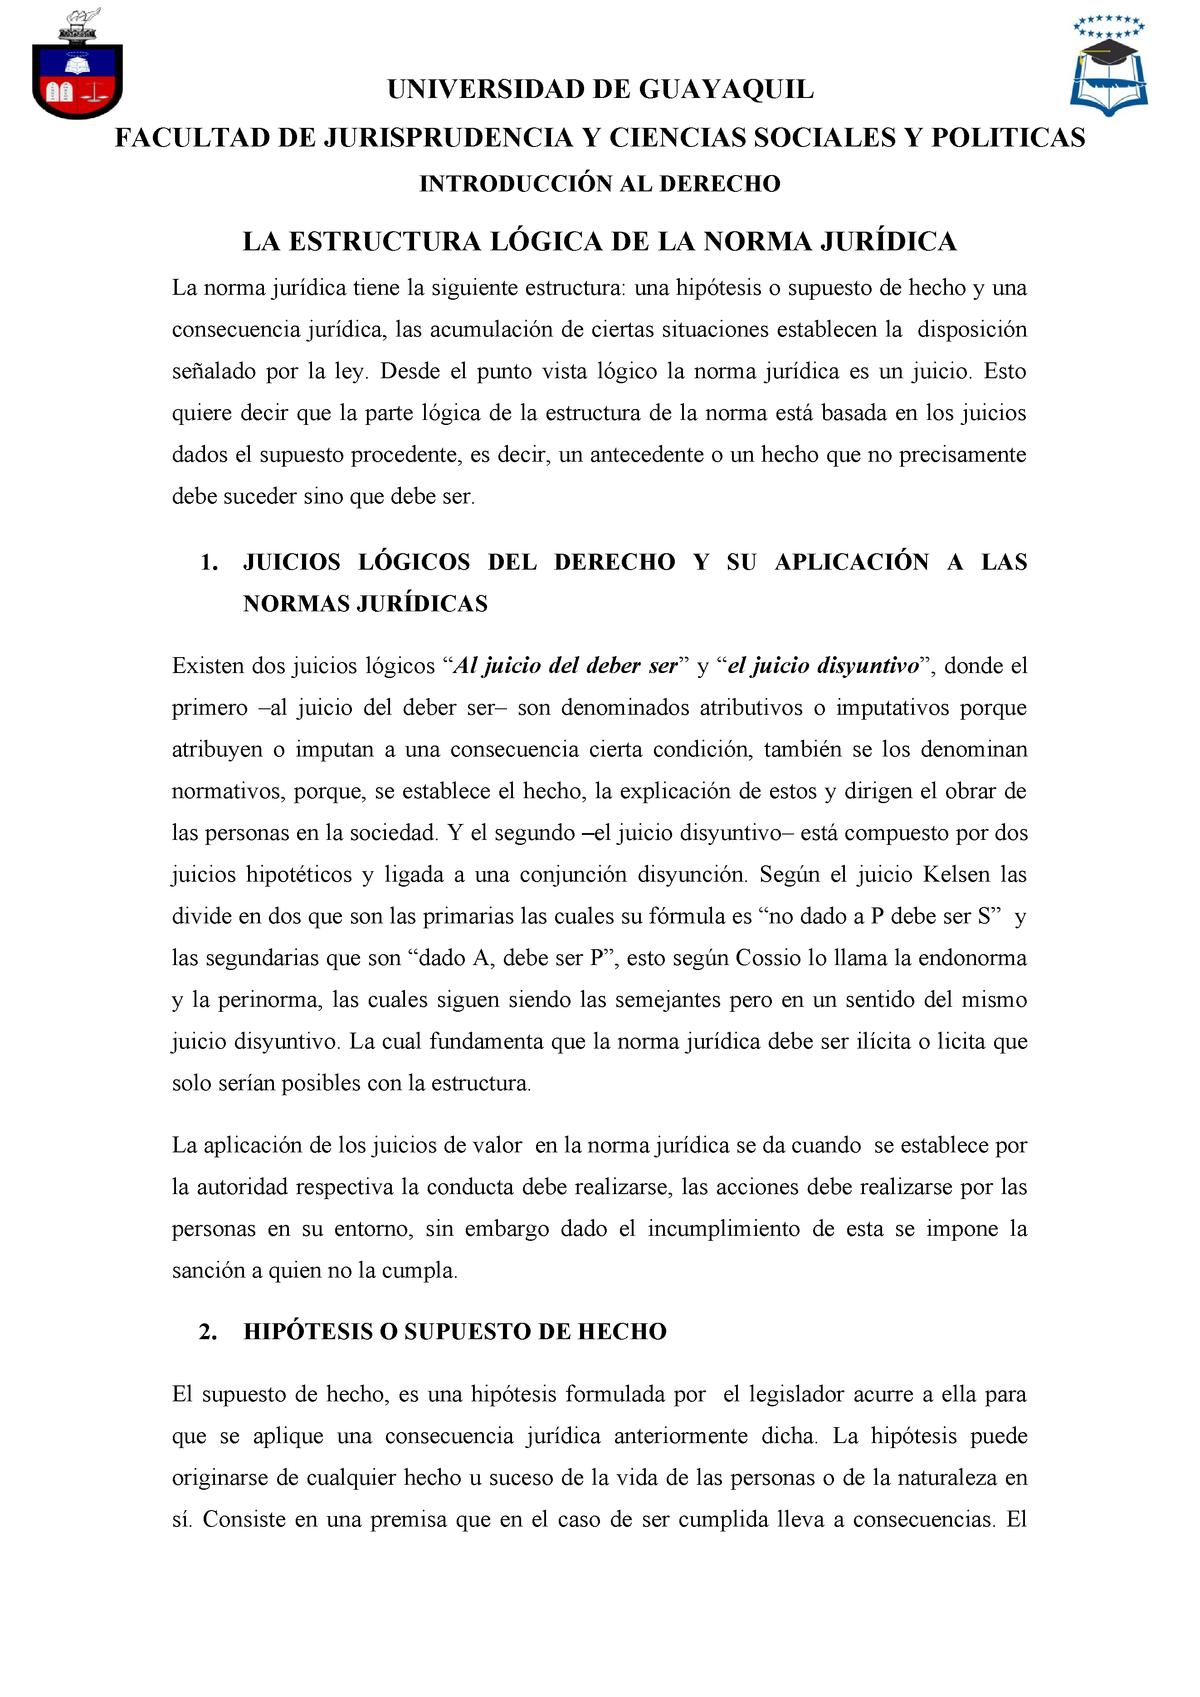 La Estructura Lógica De La Norma Jurídica Derecho 1232